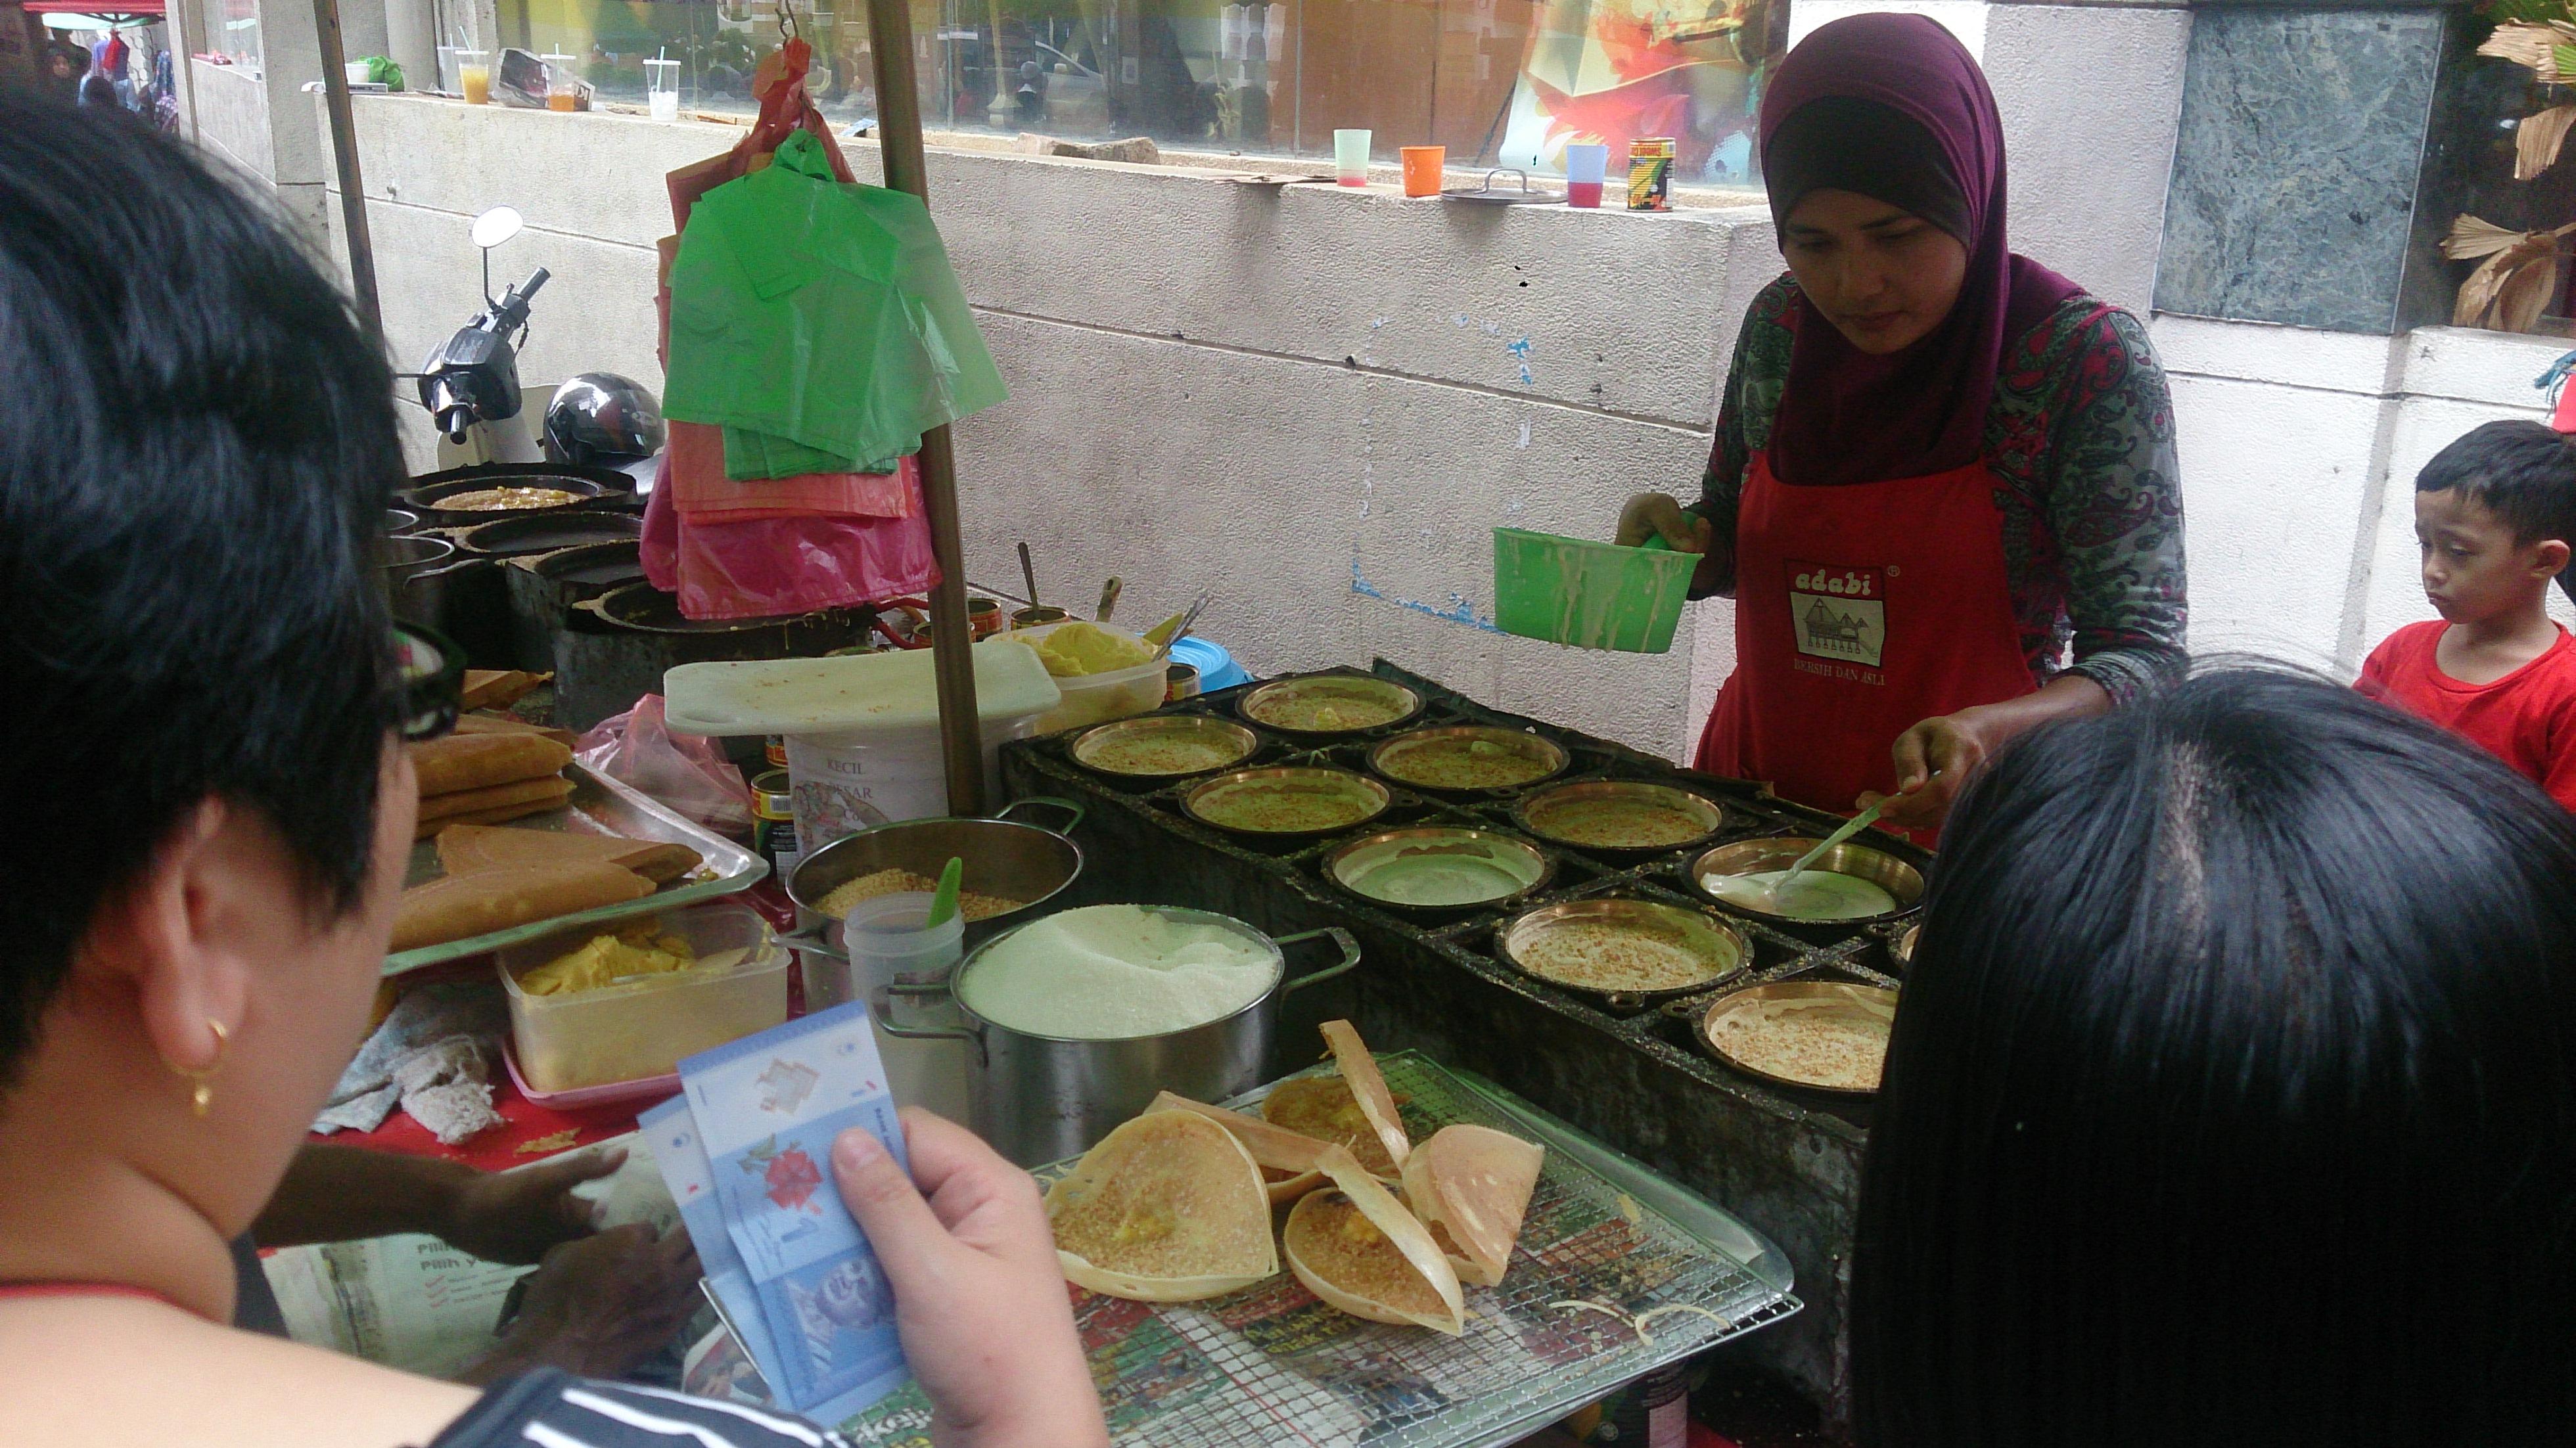 A food stall during Ramadan in Kuala Lumpur